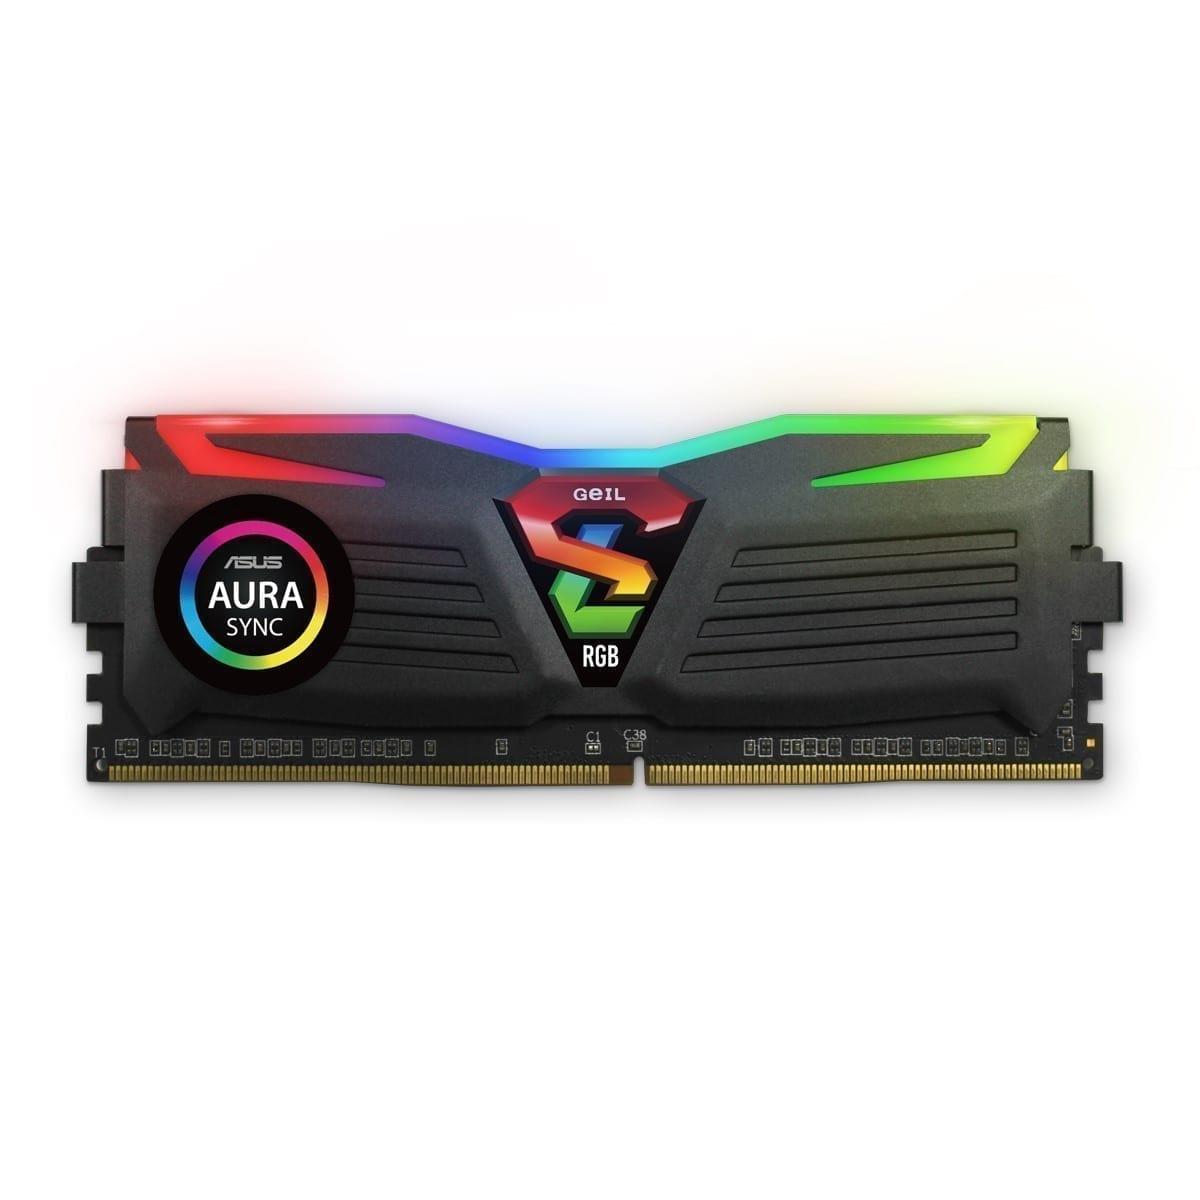 GeIL SUPER LUCE RGB Sync 8GB (8GB*1) DDR4 RAM 2666MHz RGB Black - GLS48GB2666C19SC 3